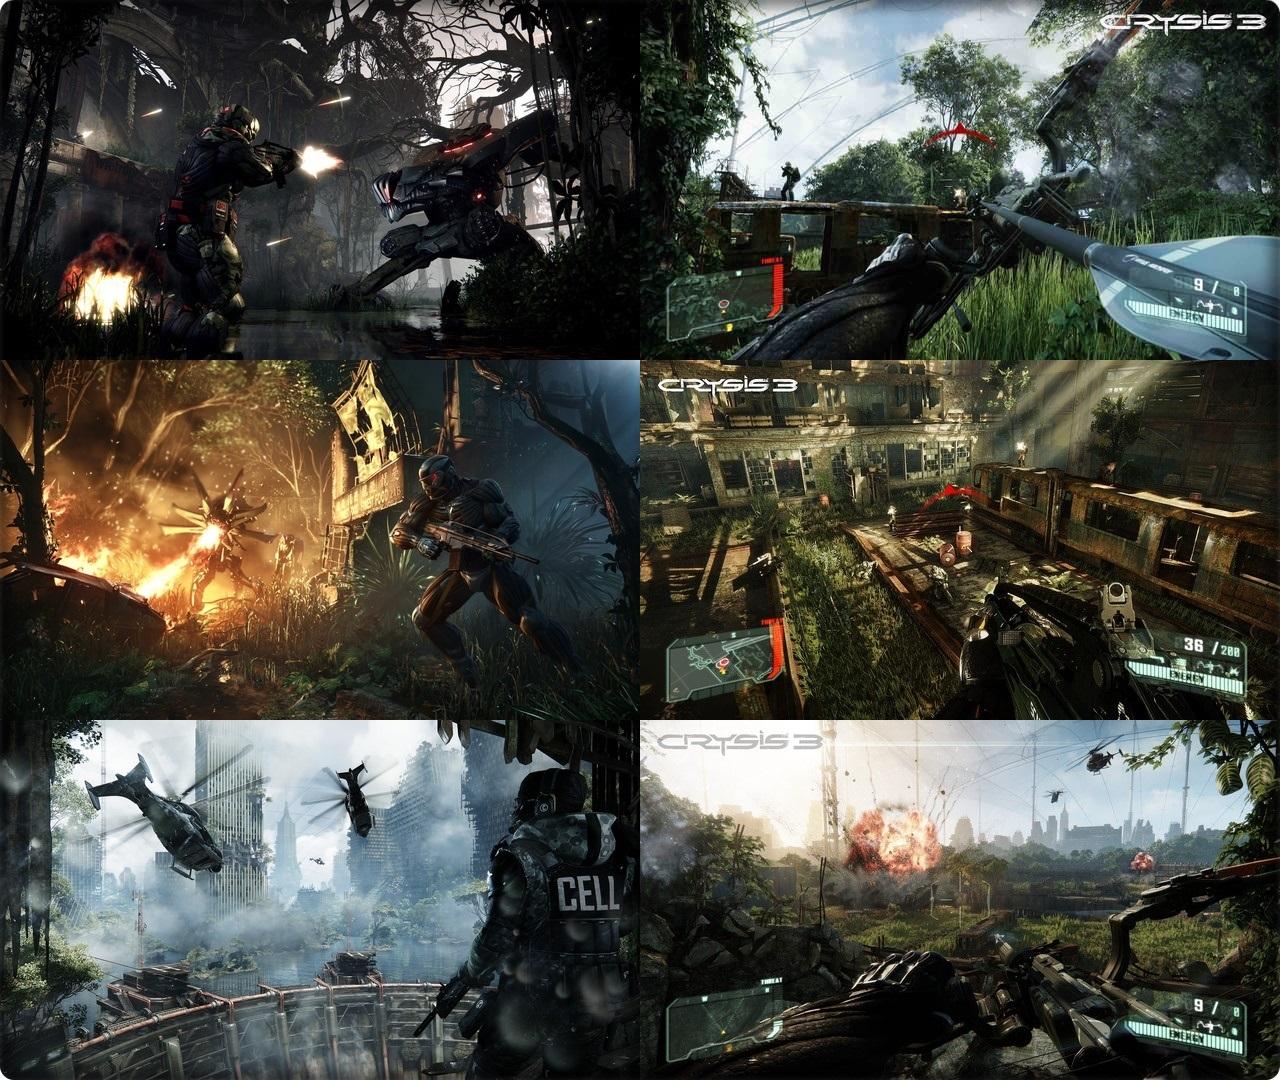 โหลดเกม Crysis 3